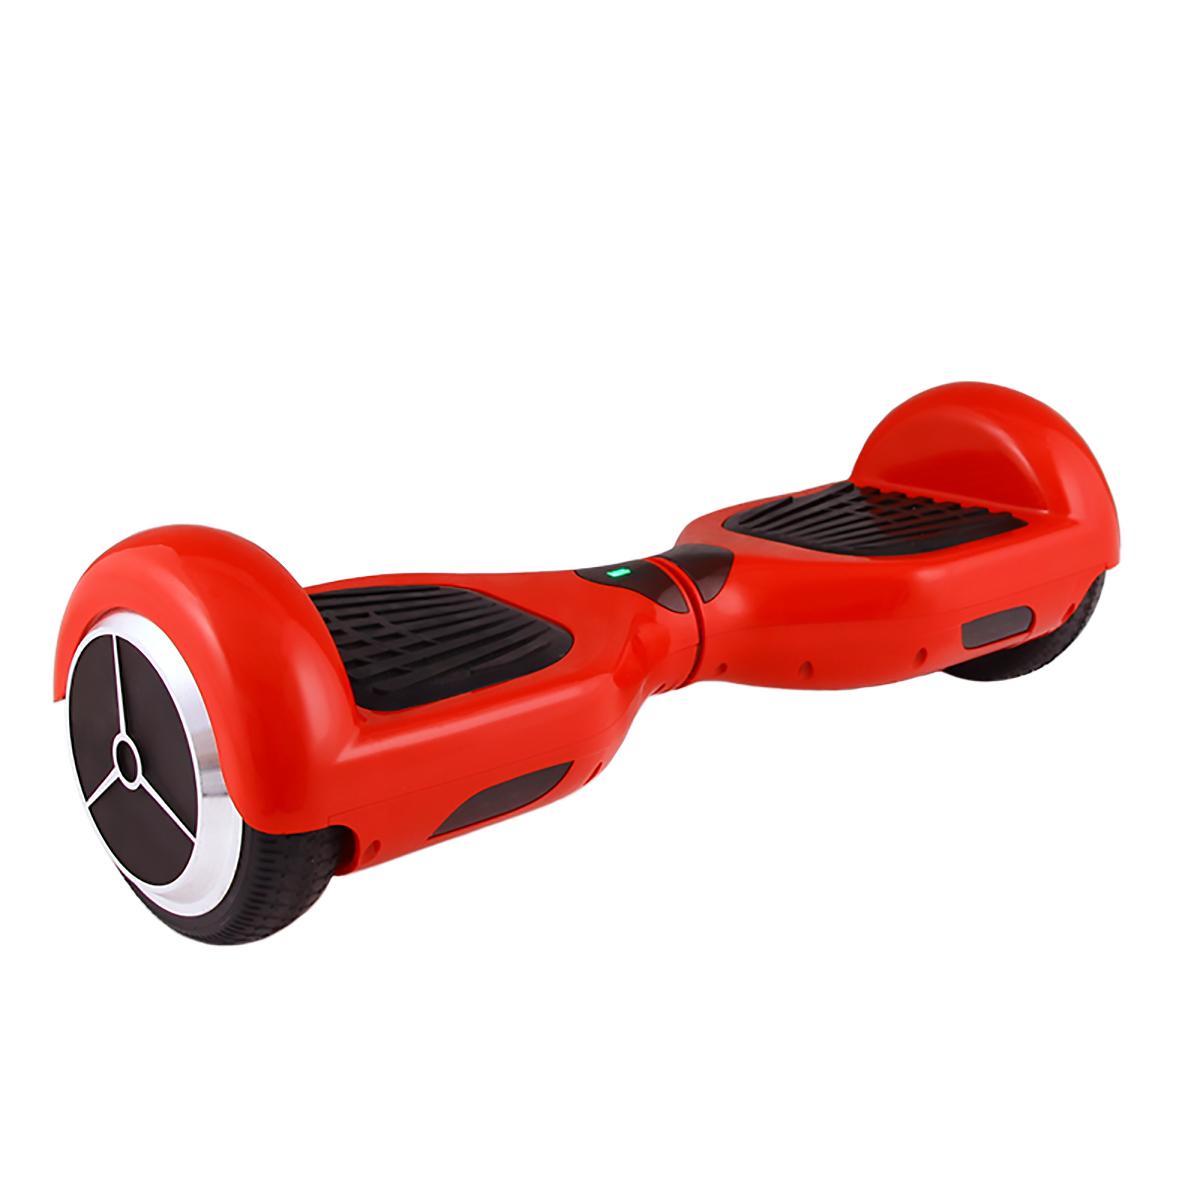 Гироскутер Hoverbot A-3, цвет: красныйGA3RDИнновационное электрическое средство передвижения – гироскутер Hoverbot А3, является последней разработкой, в которой соединены компактные размеры и удобство катания на двух колесах. Гироскутер подойдет, как детям, так и взрослым, начав кататься, уже через 10 минут, большинство замечает насколько он прост и понятен в управлении. С помощью функционального дизайна и новейших материалов, нога не соскользнет и устойчиво держится на платформе гироскутера, а передвижение на нем оставит у вас только самые положительные эмоции. Легкое нажатие обеими ступнями ног вперед и гироскутер А3 движется вперед, выравнивая правую и левую платформу, а также при помощи силы нажатия ступней Вы можете без труда регулировать свою скорость передвижения. Гироцикл Hoverbot А3 – это устройство, которое подарит Вам массу позитивных впечатлений независимо будет это прогулка в парке или поездка на работу. Технические характеристики: Возможная дистанция: 15-20км Максимальная скорость: 15км/ч Аккумулятор: Lithium...